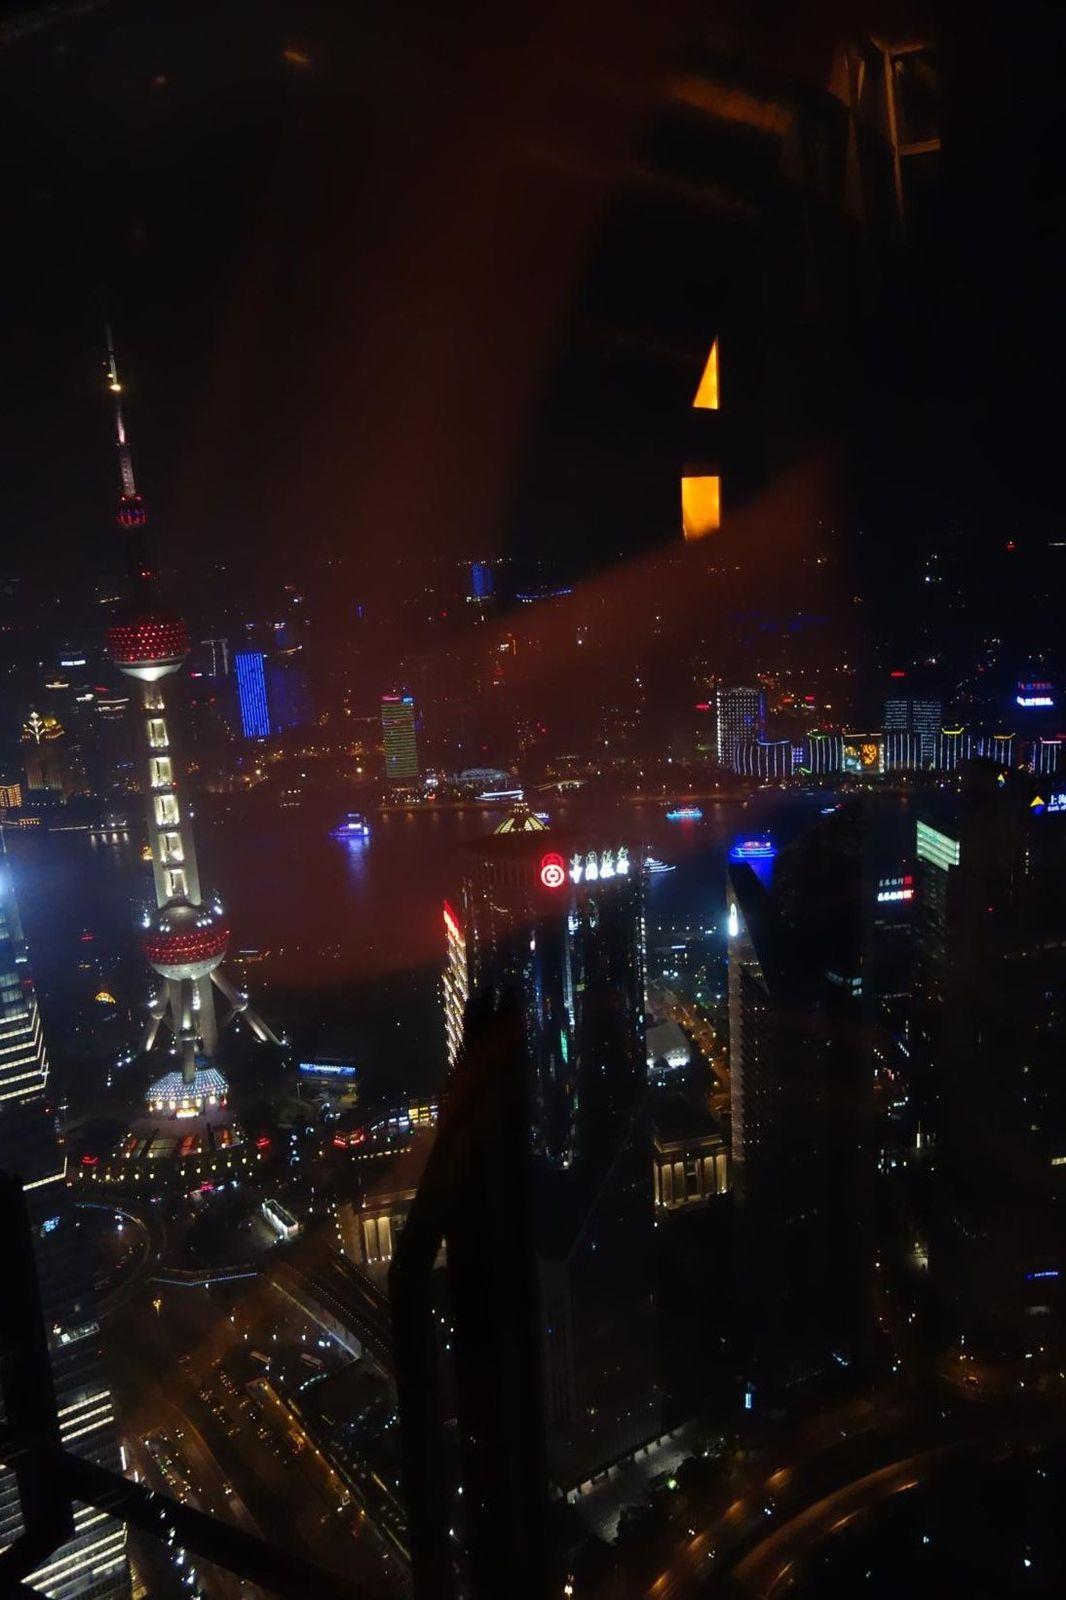 Pudong, Century avenue au soleil couchant; dessert dans la tour JinMao (492 mètres, 101 étages)